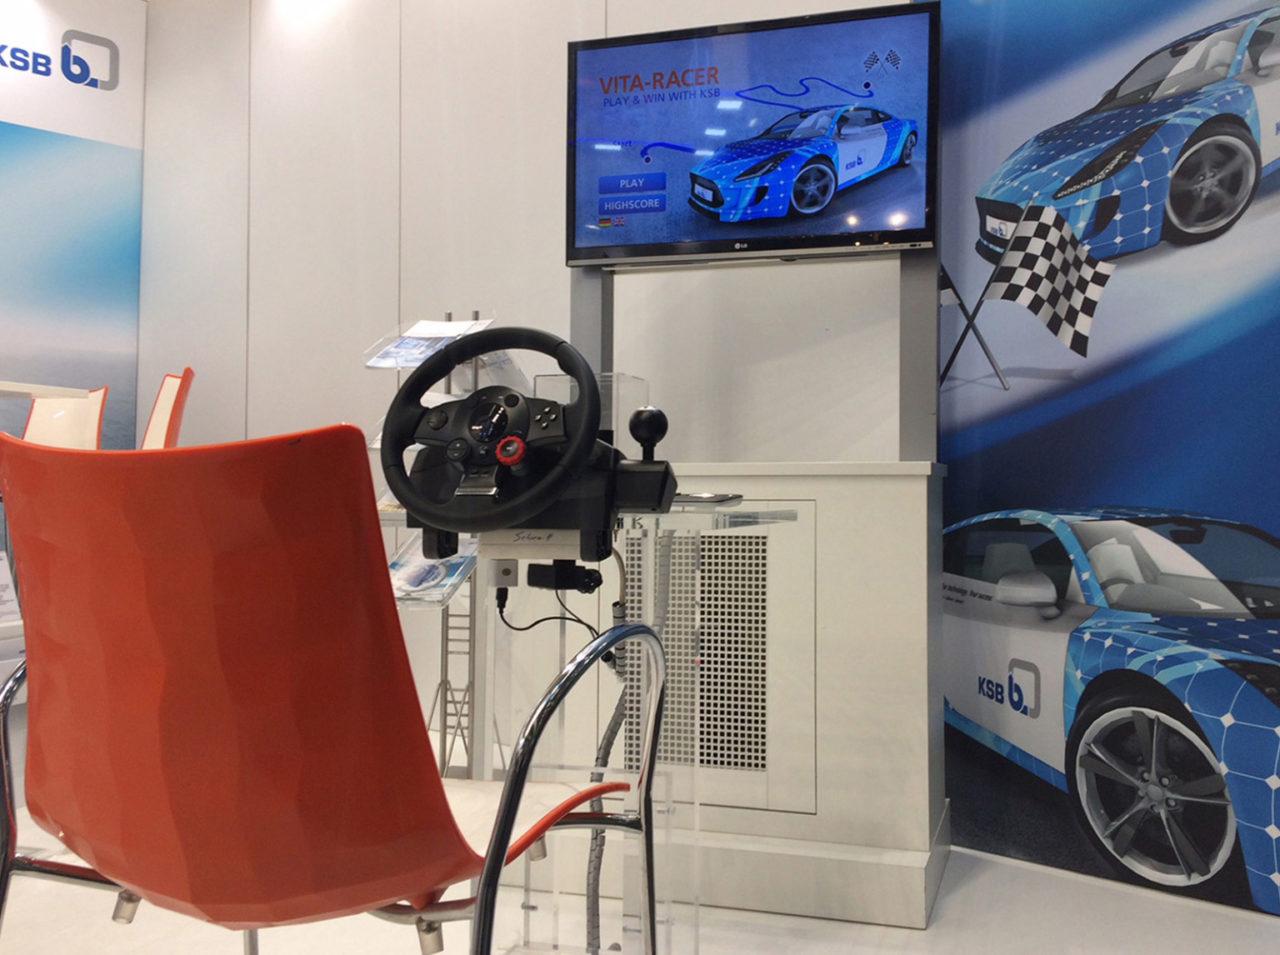 tecmotion - Messespiel VITA-Racer für KSB, Spielaufbau für das Rennspiel am Messestand